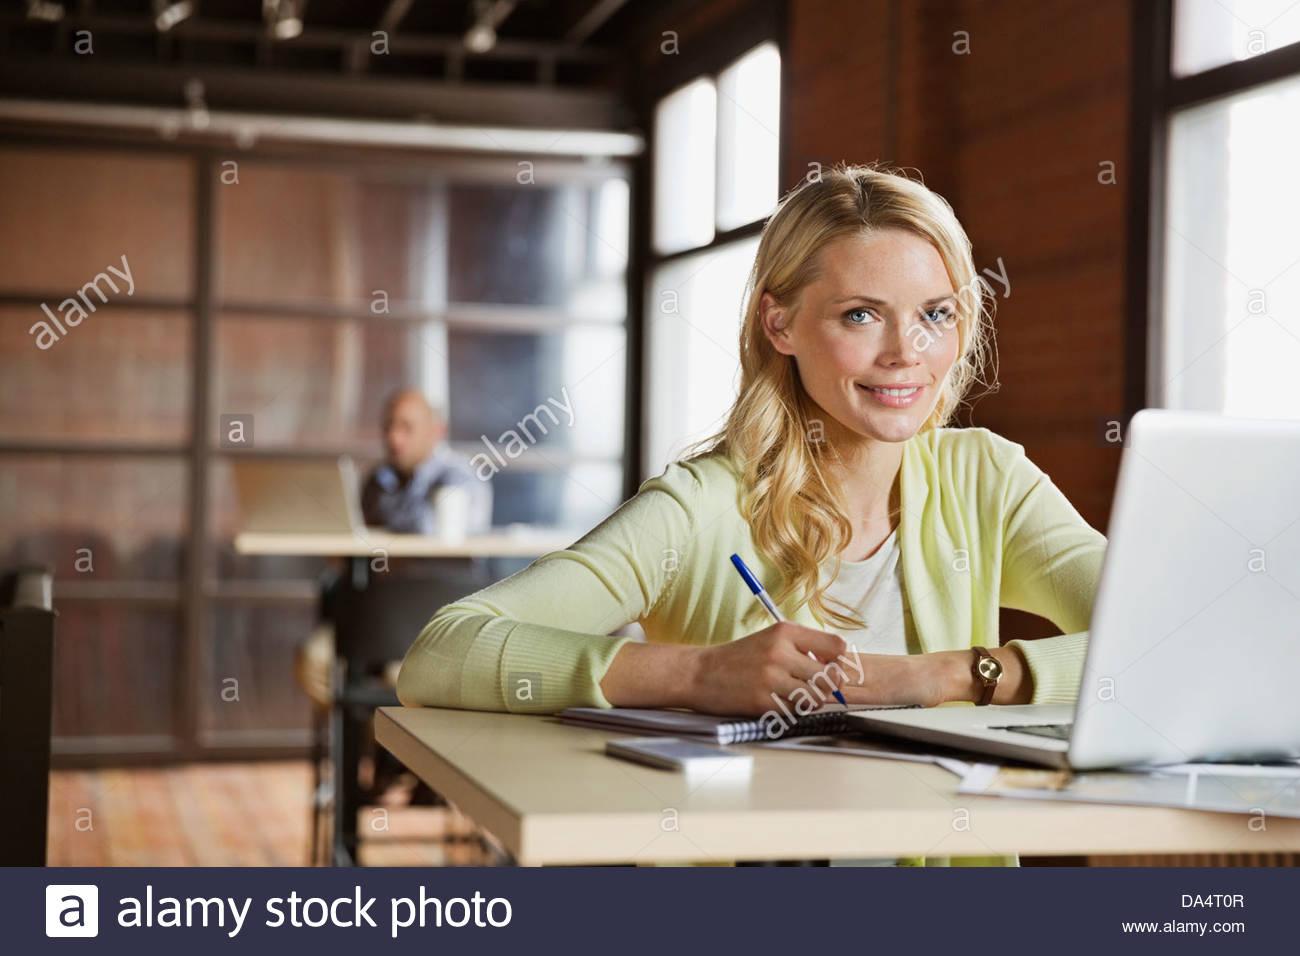 Portrait of female entrepreneur sitting at desk in office - Stock Image